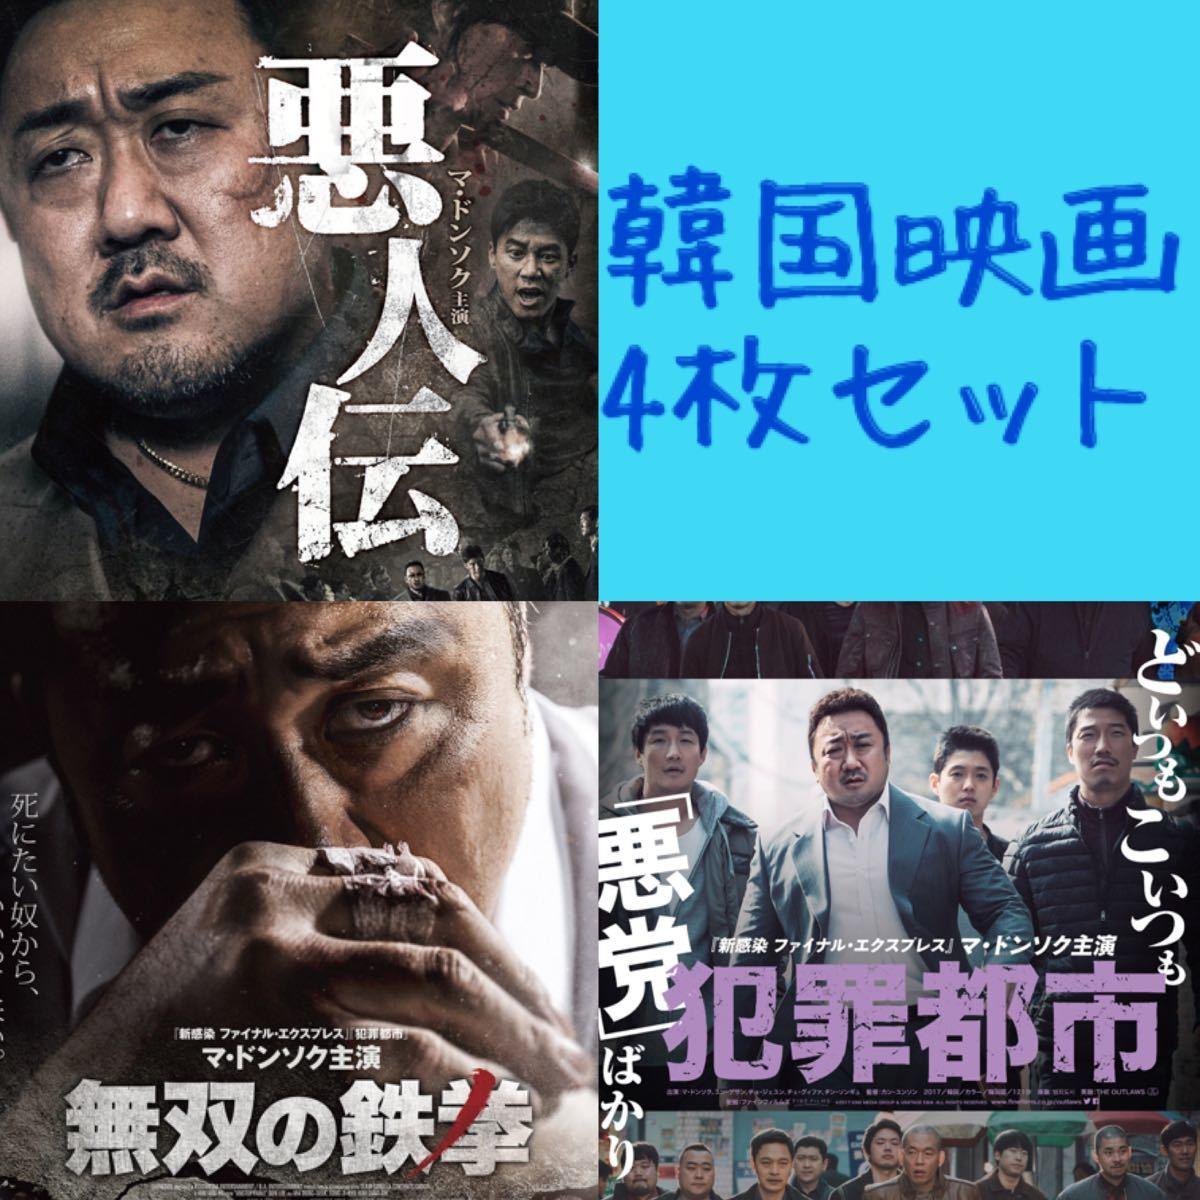 韓国映画 マ・ドンソク 出演映画 DVD 3点セット + 選べるおまけDVD1枚付き レーベル有り